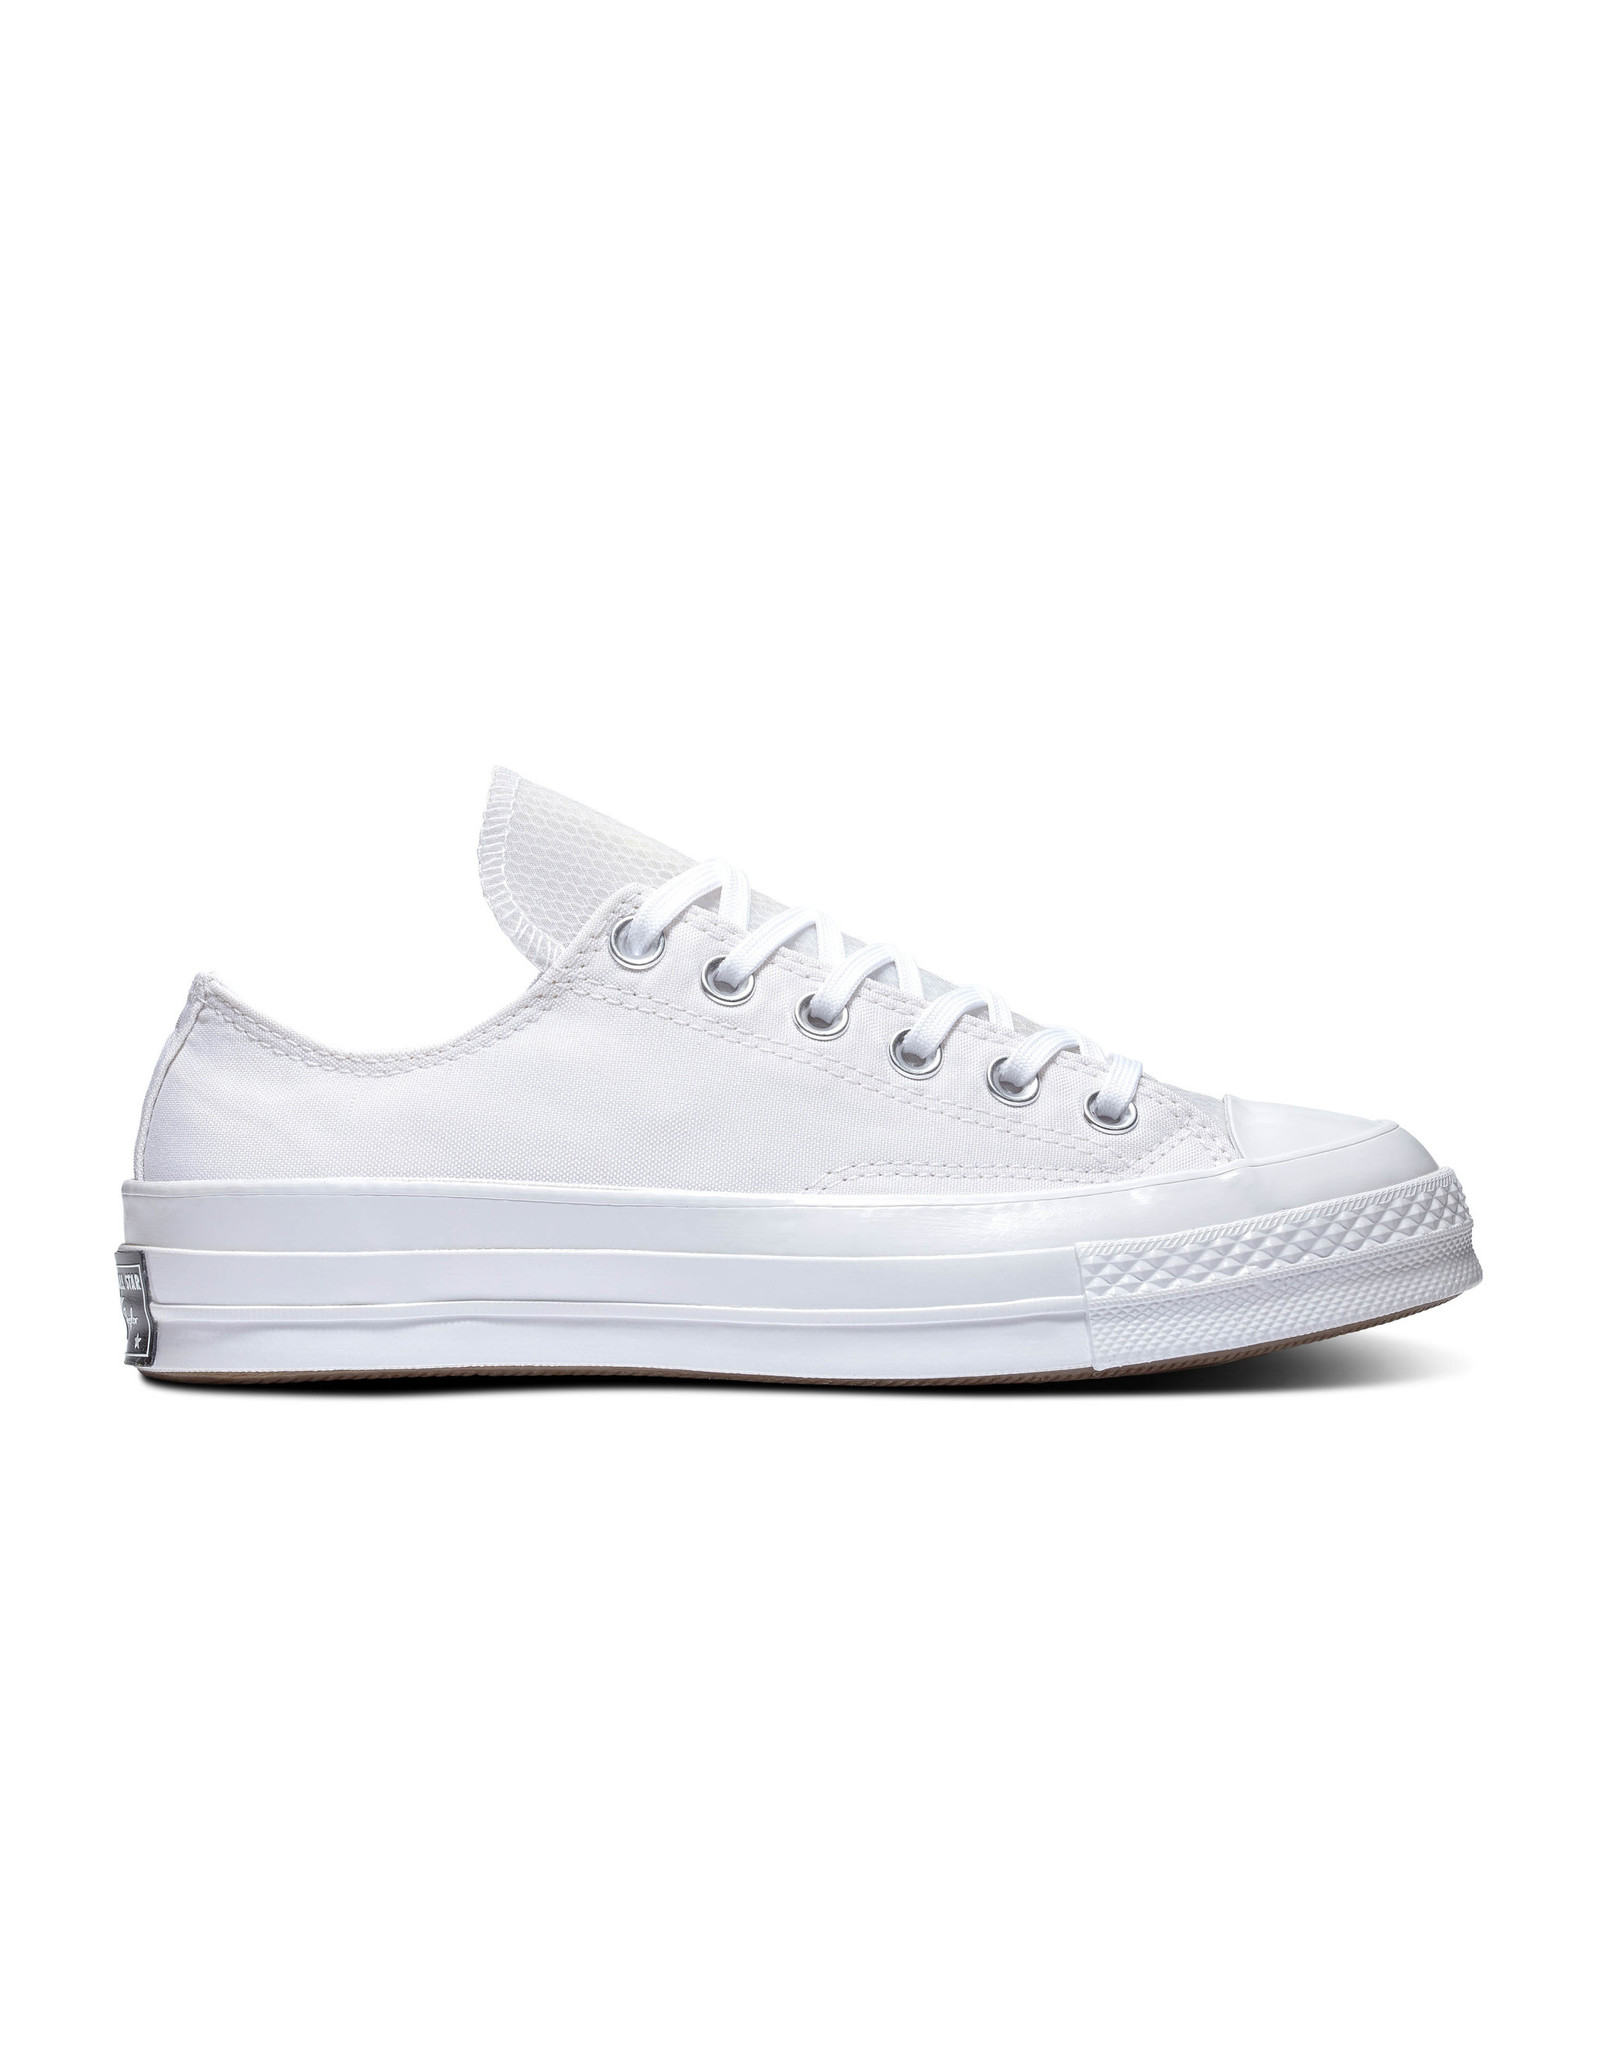 CONVERSE CHUCK 70 OX WHITE/WHITE/WHITE C070WX-167678C